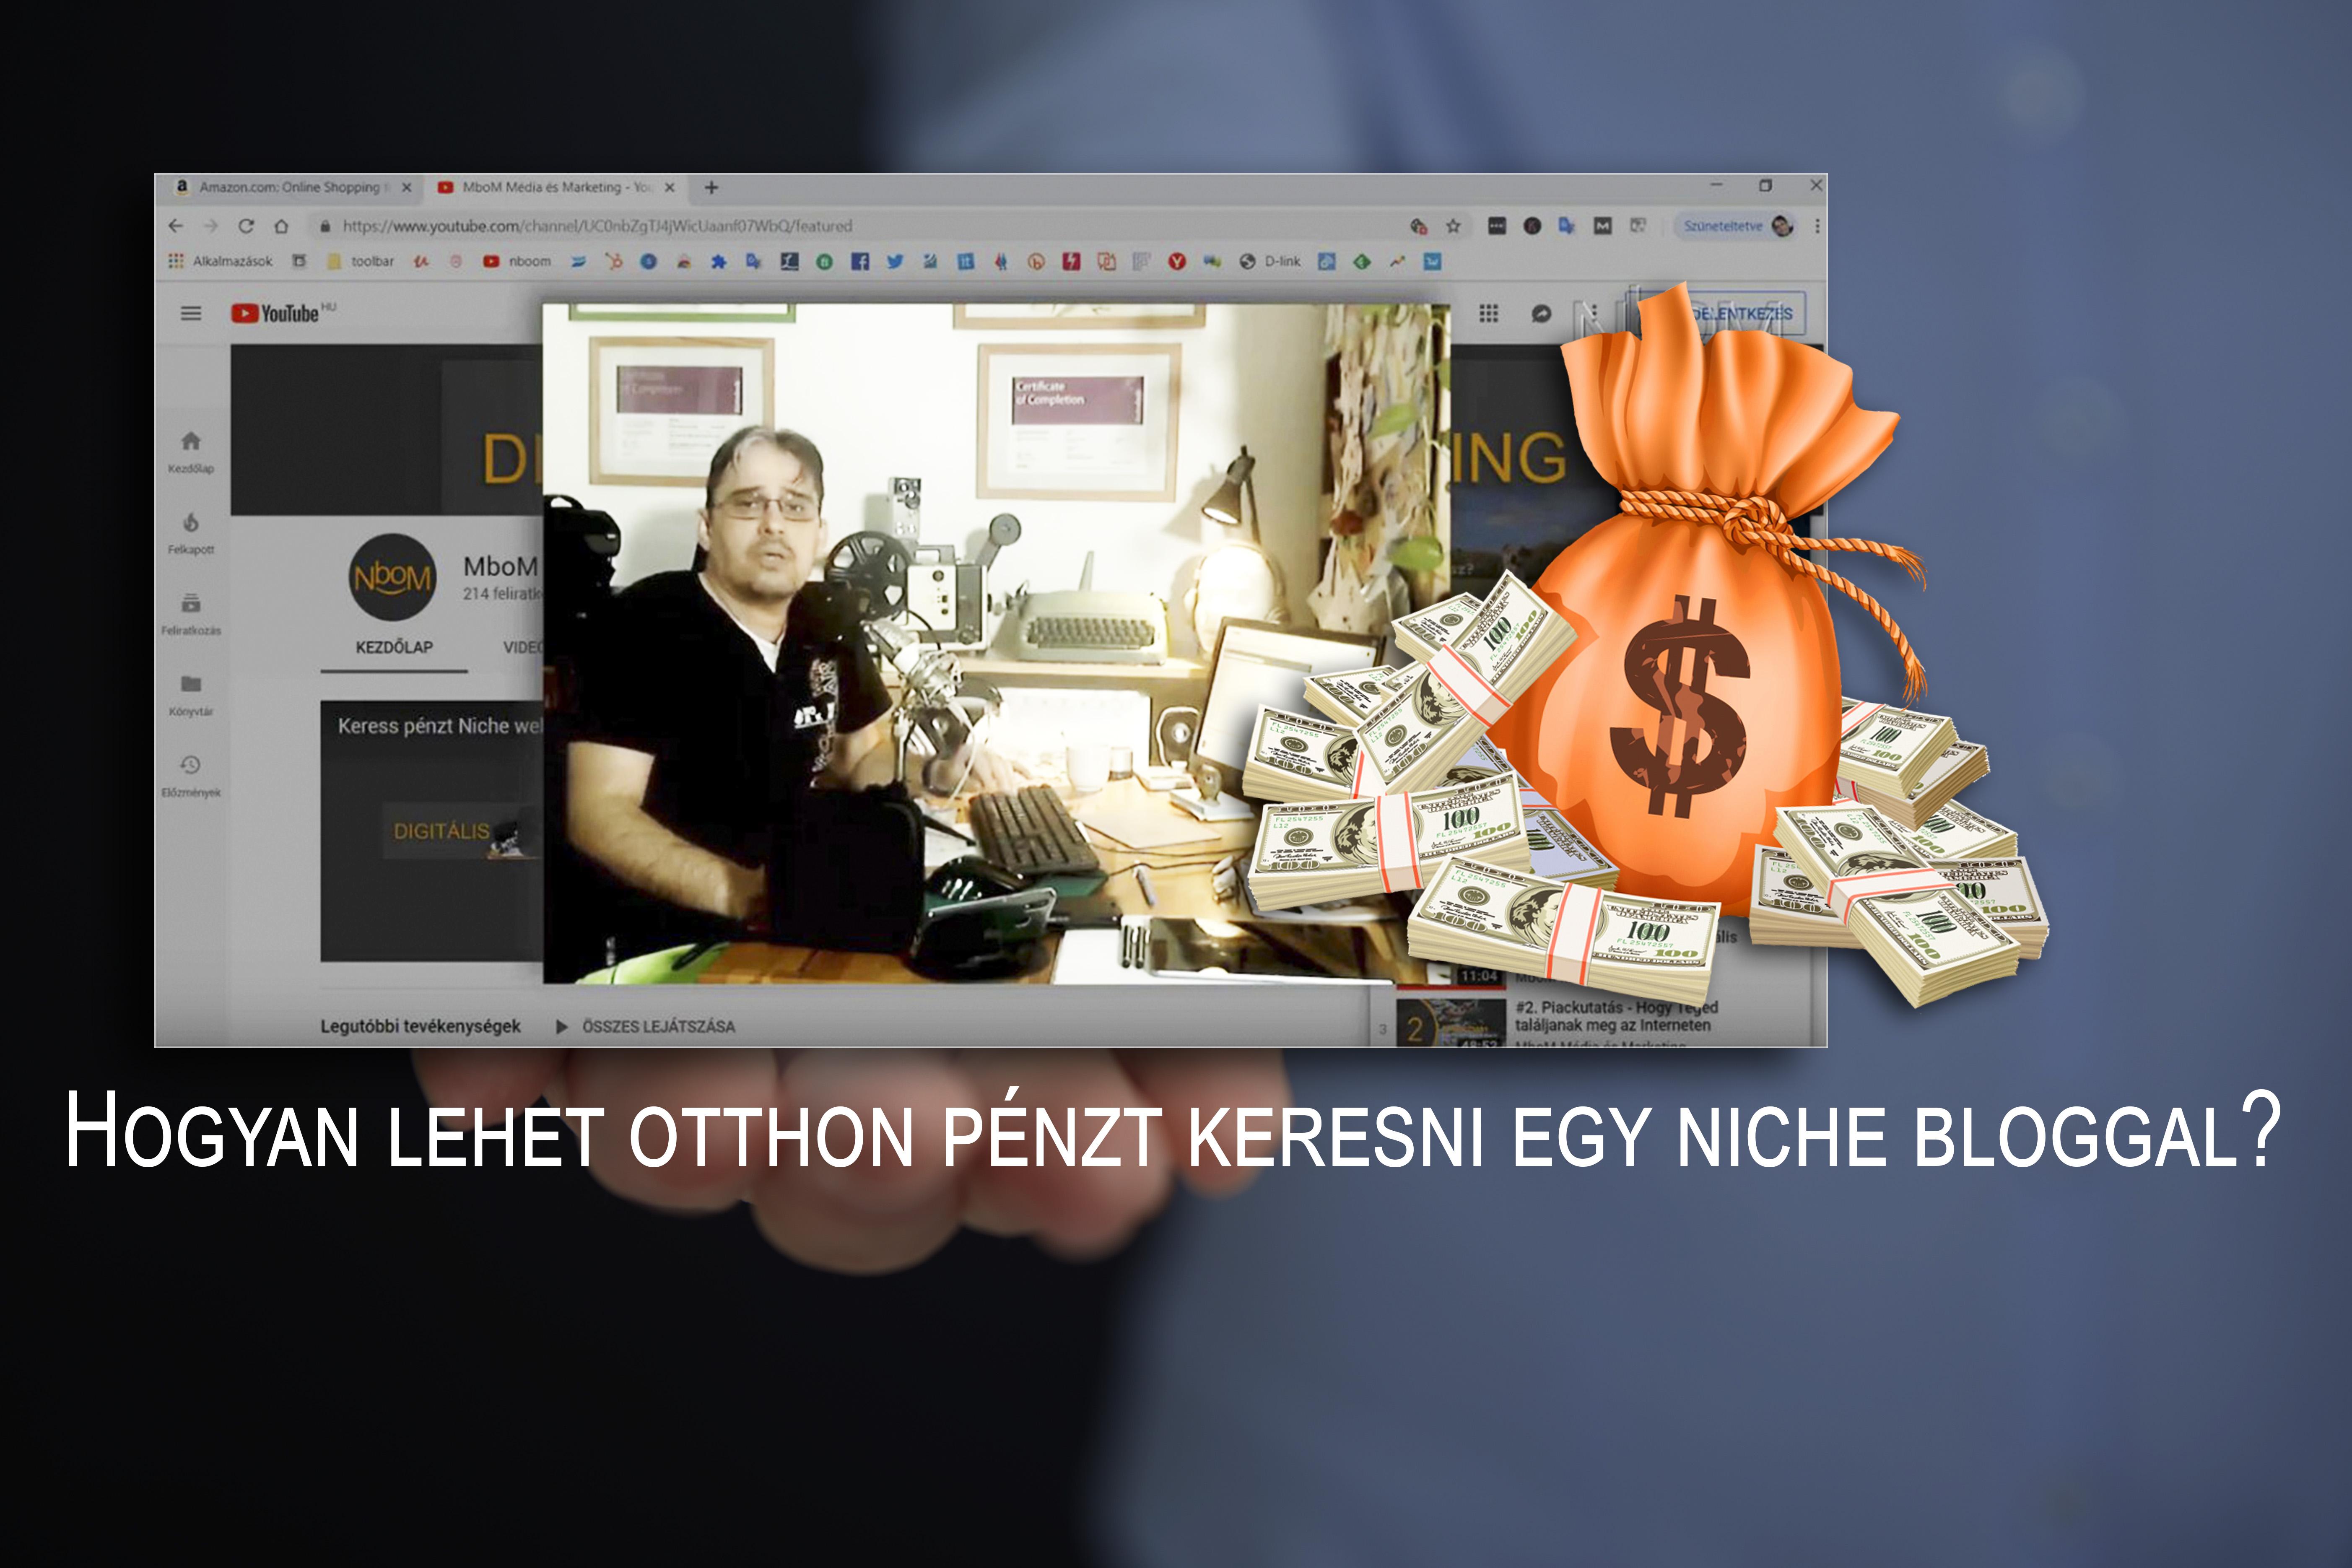 hogyan lehet pénzt keresni az interneten dollárban a legcsendesebb idő bináris opcióknál